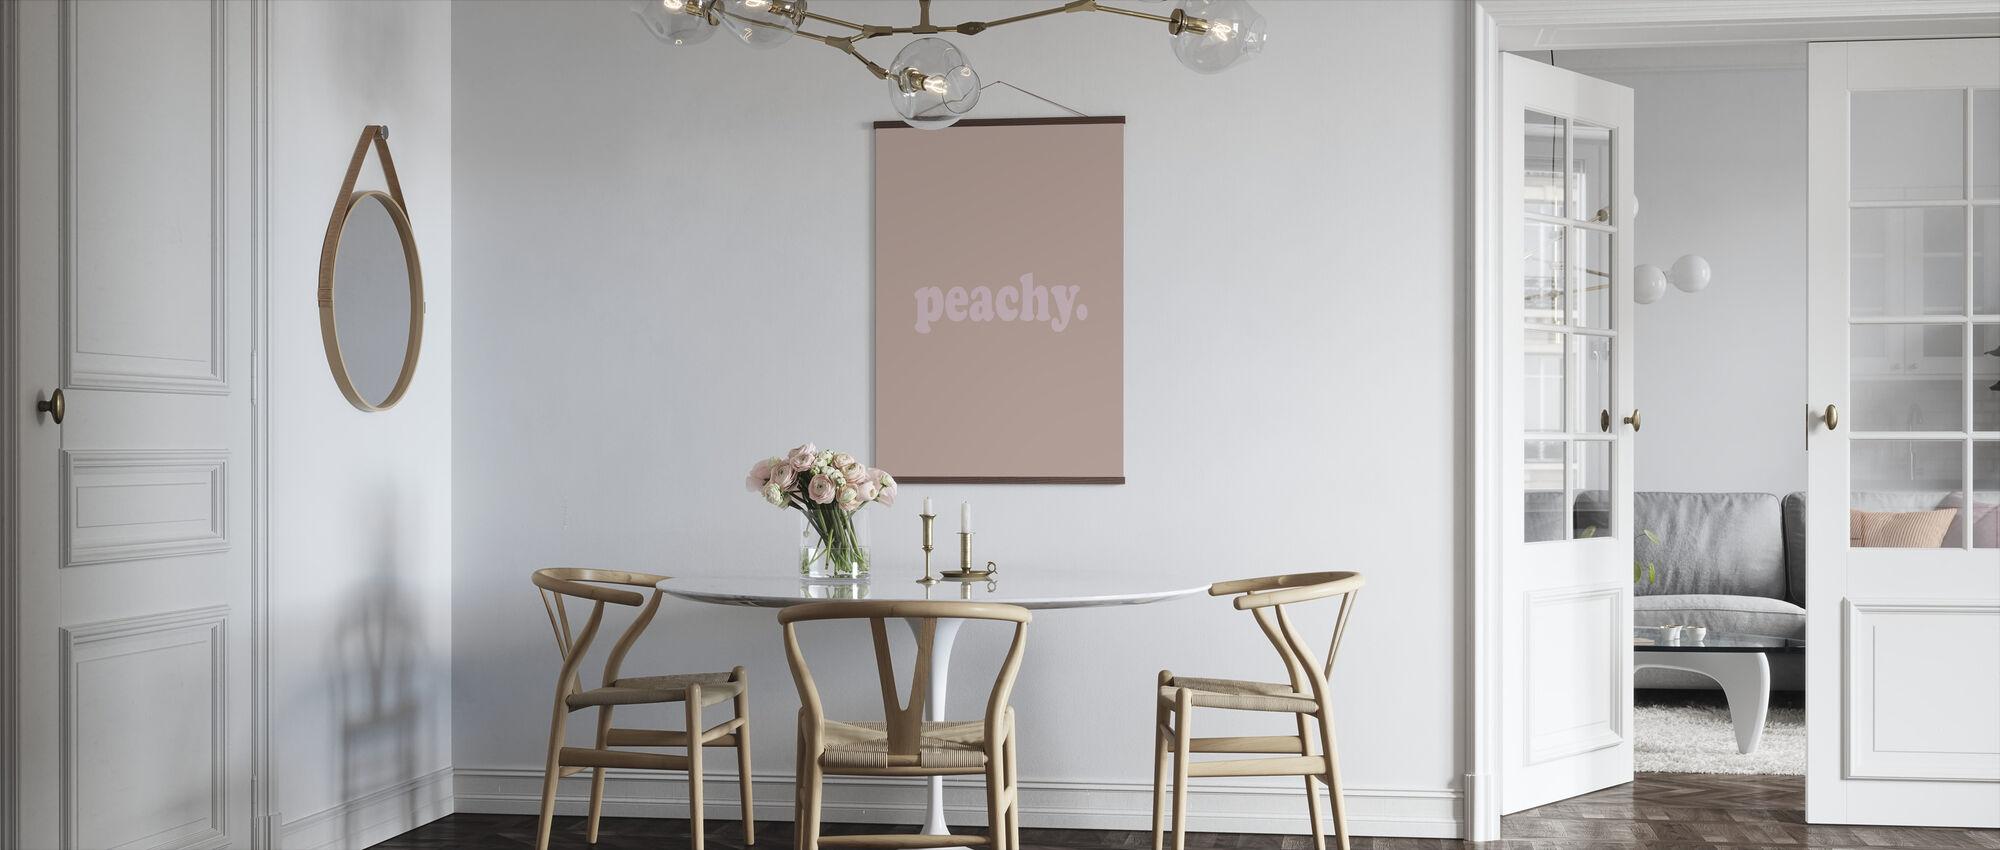 Peachy - Poster - Kitchen